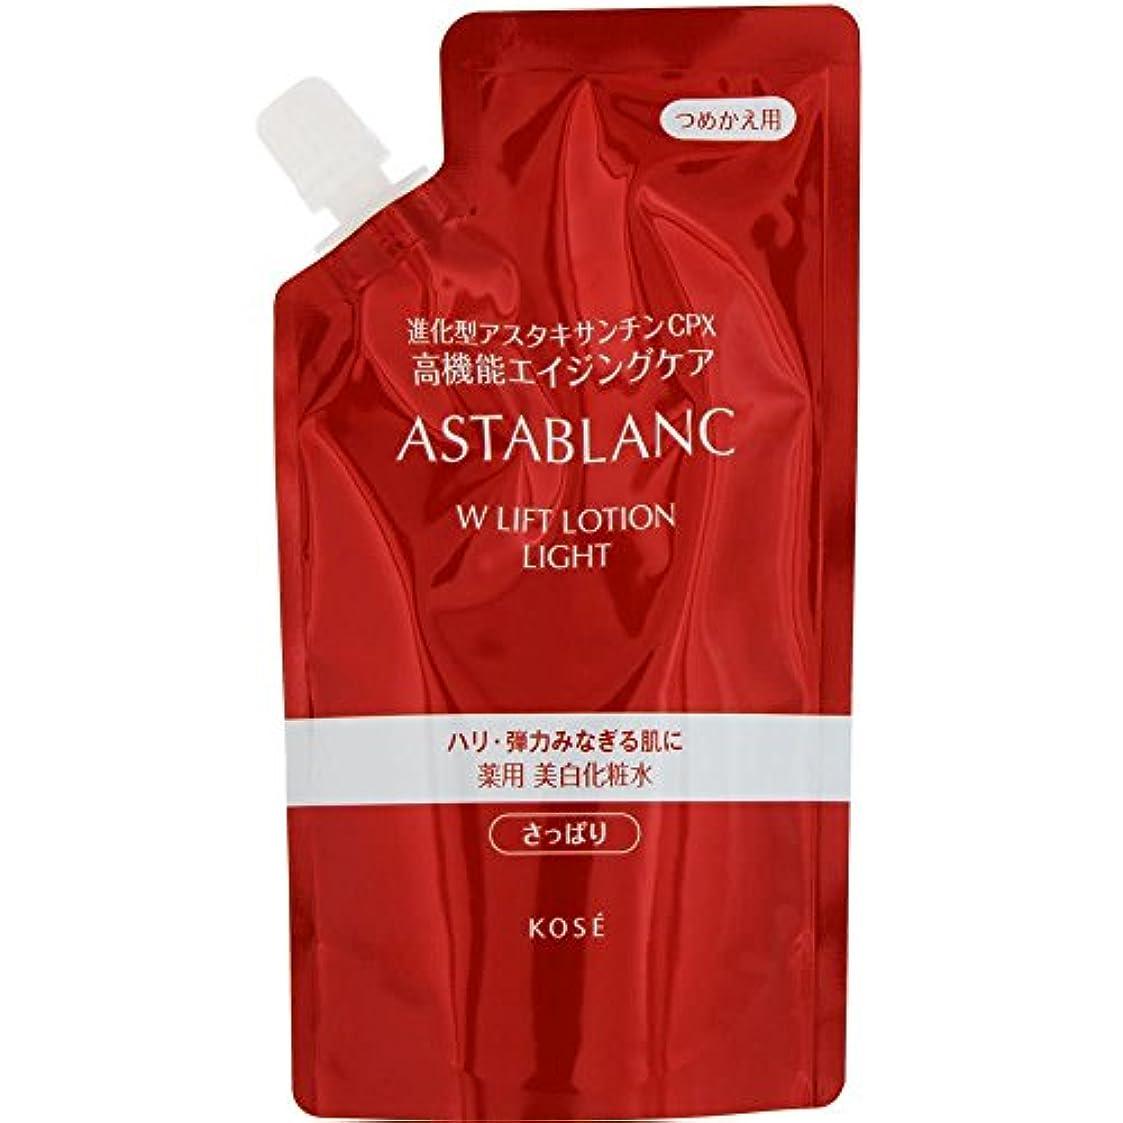 提唱する推測過ちASTABLANC(アスタブラン) アスタブラン Wリフト ローション さっぱり 化粧水 詰替え用 130mL